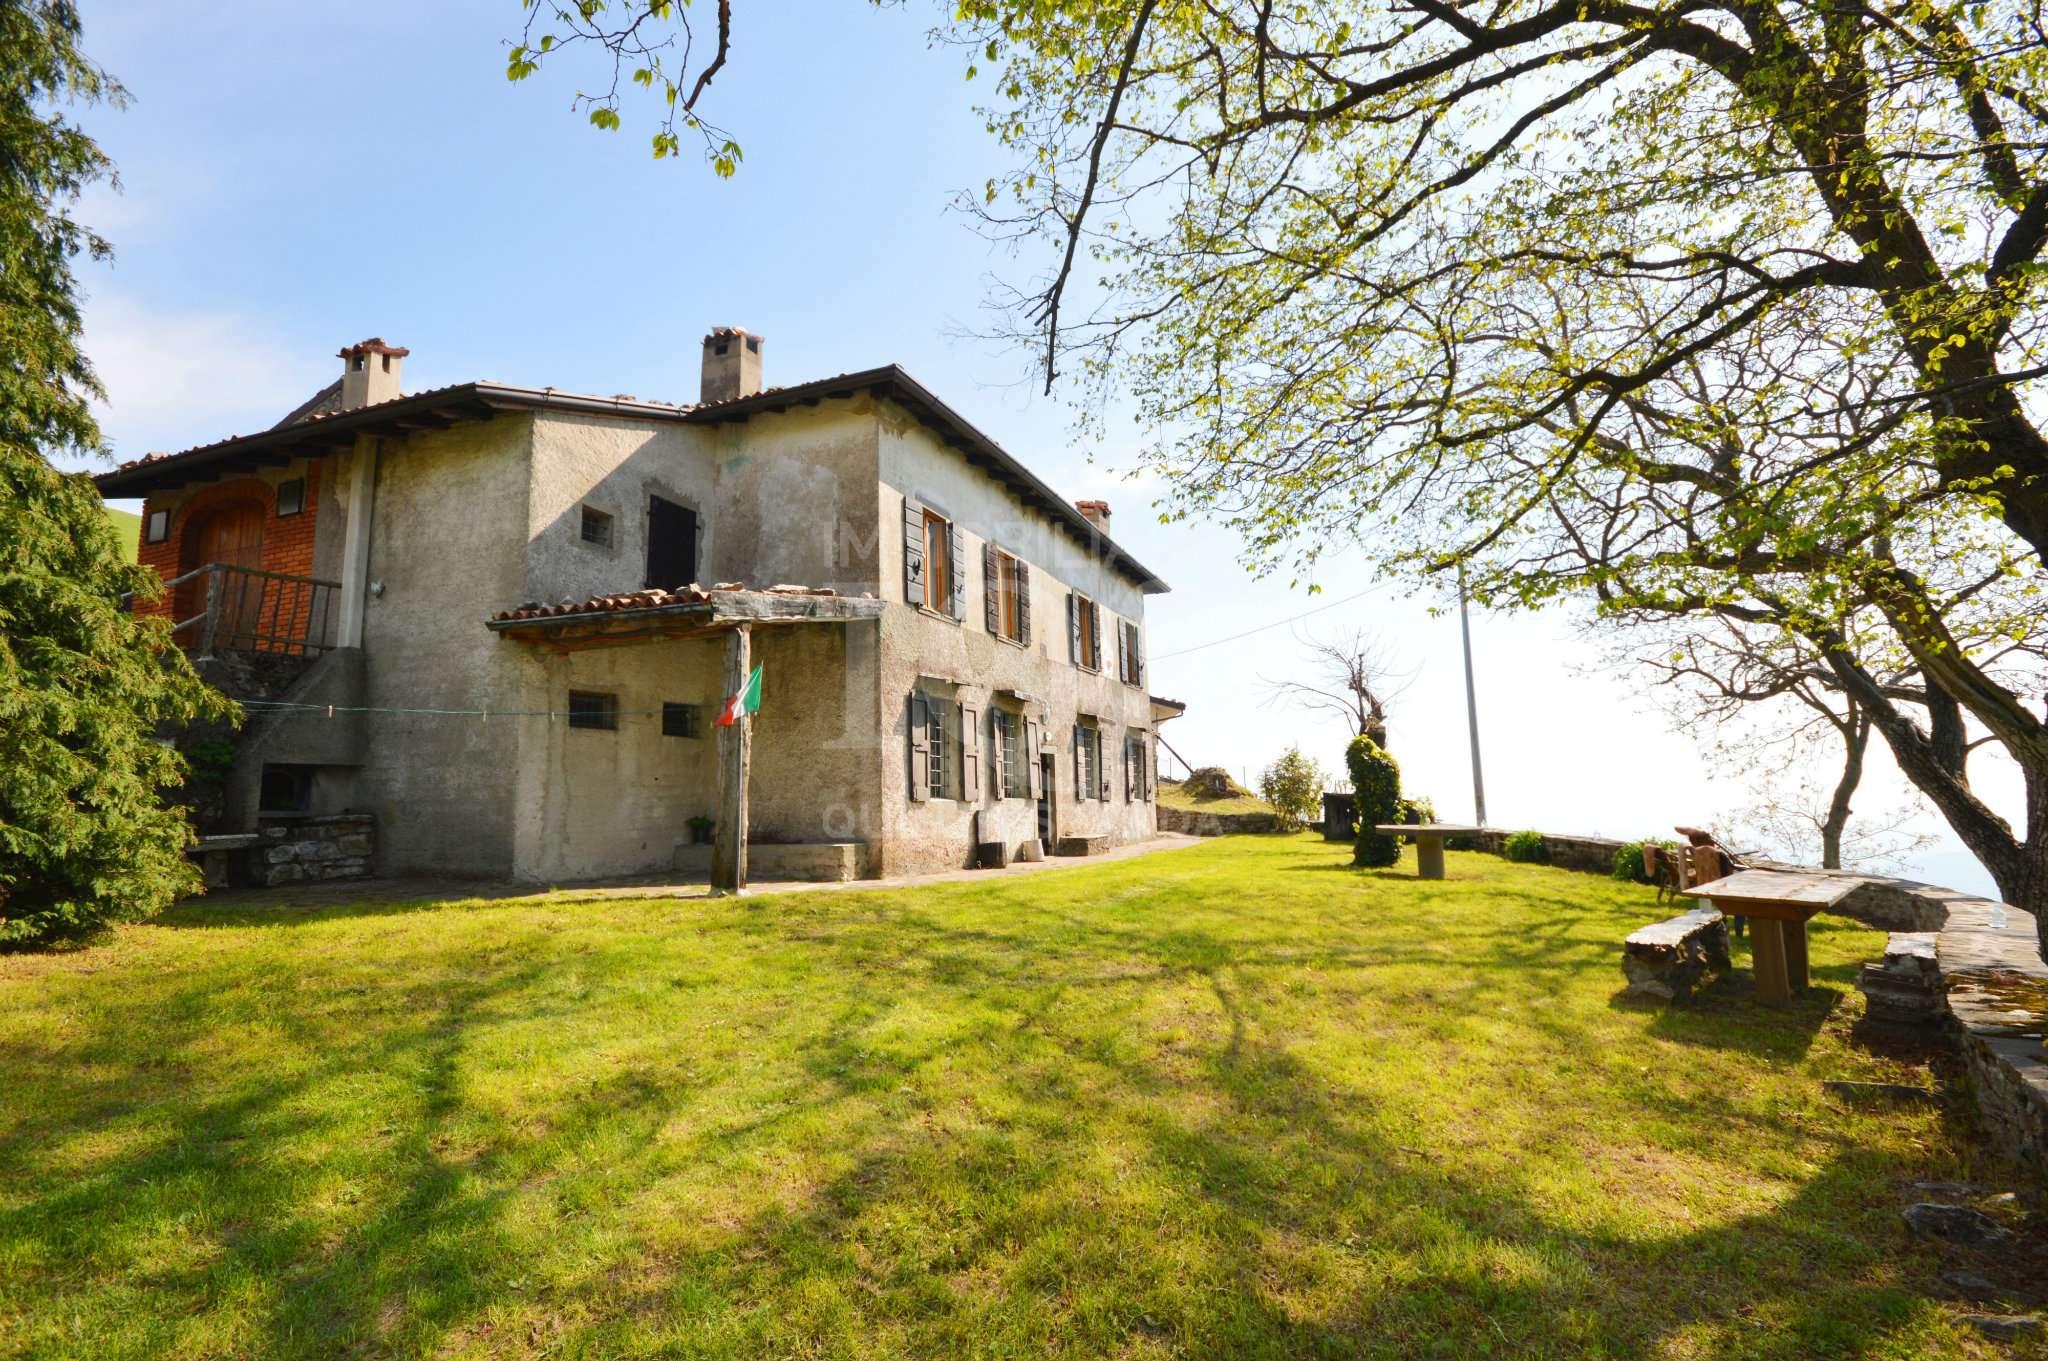 Rustico / Casale in vendita a Viadanica, 20 locali, prezzo € 350.000   PortaleAgenzieImmobiliari.it